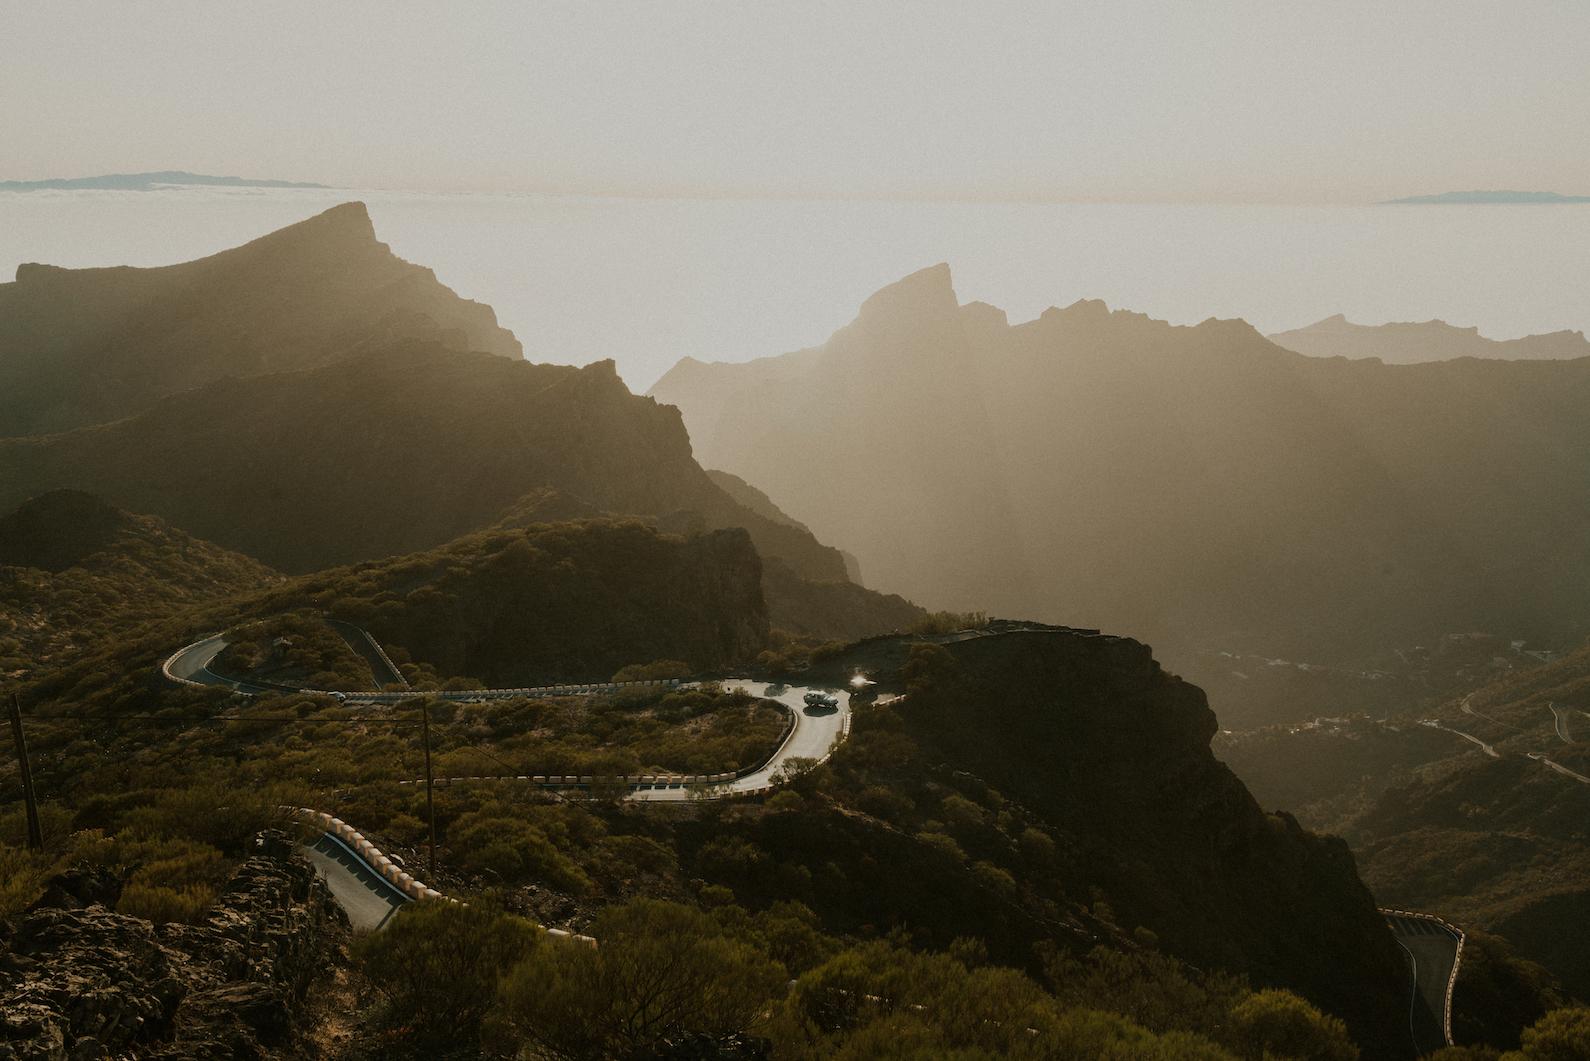 Macca Tenerife